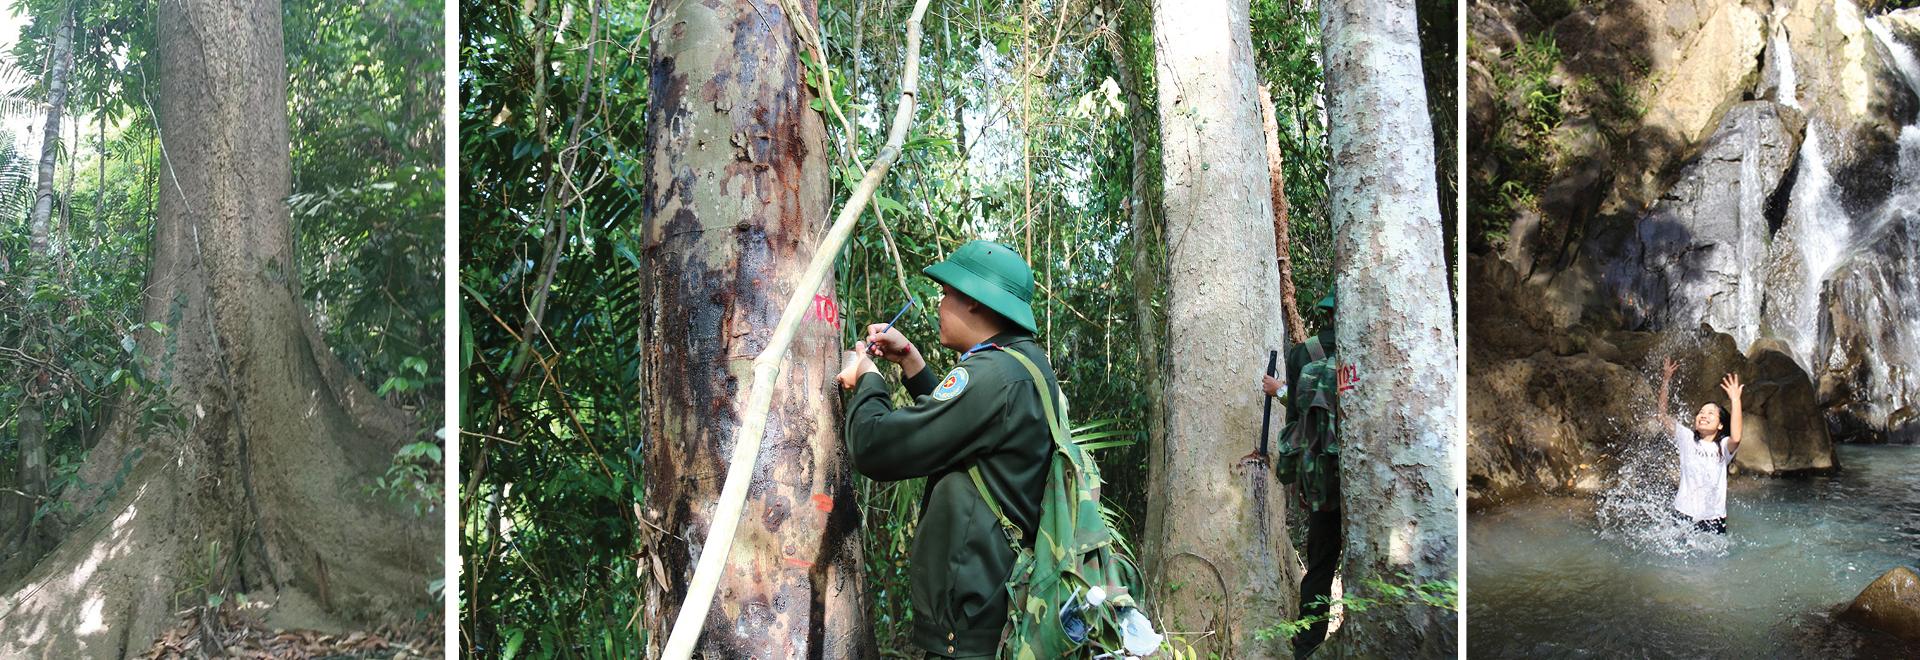 Nỗ lực giữ rừng Sông Thanh ảnh 2